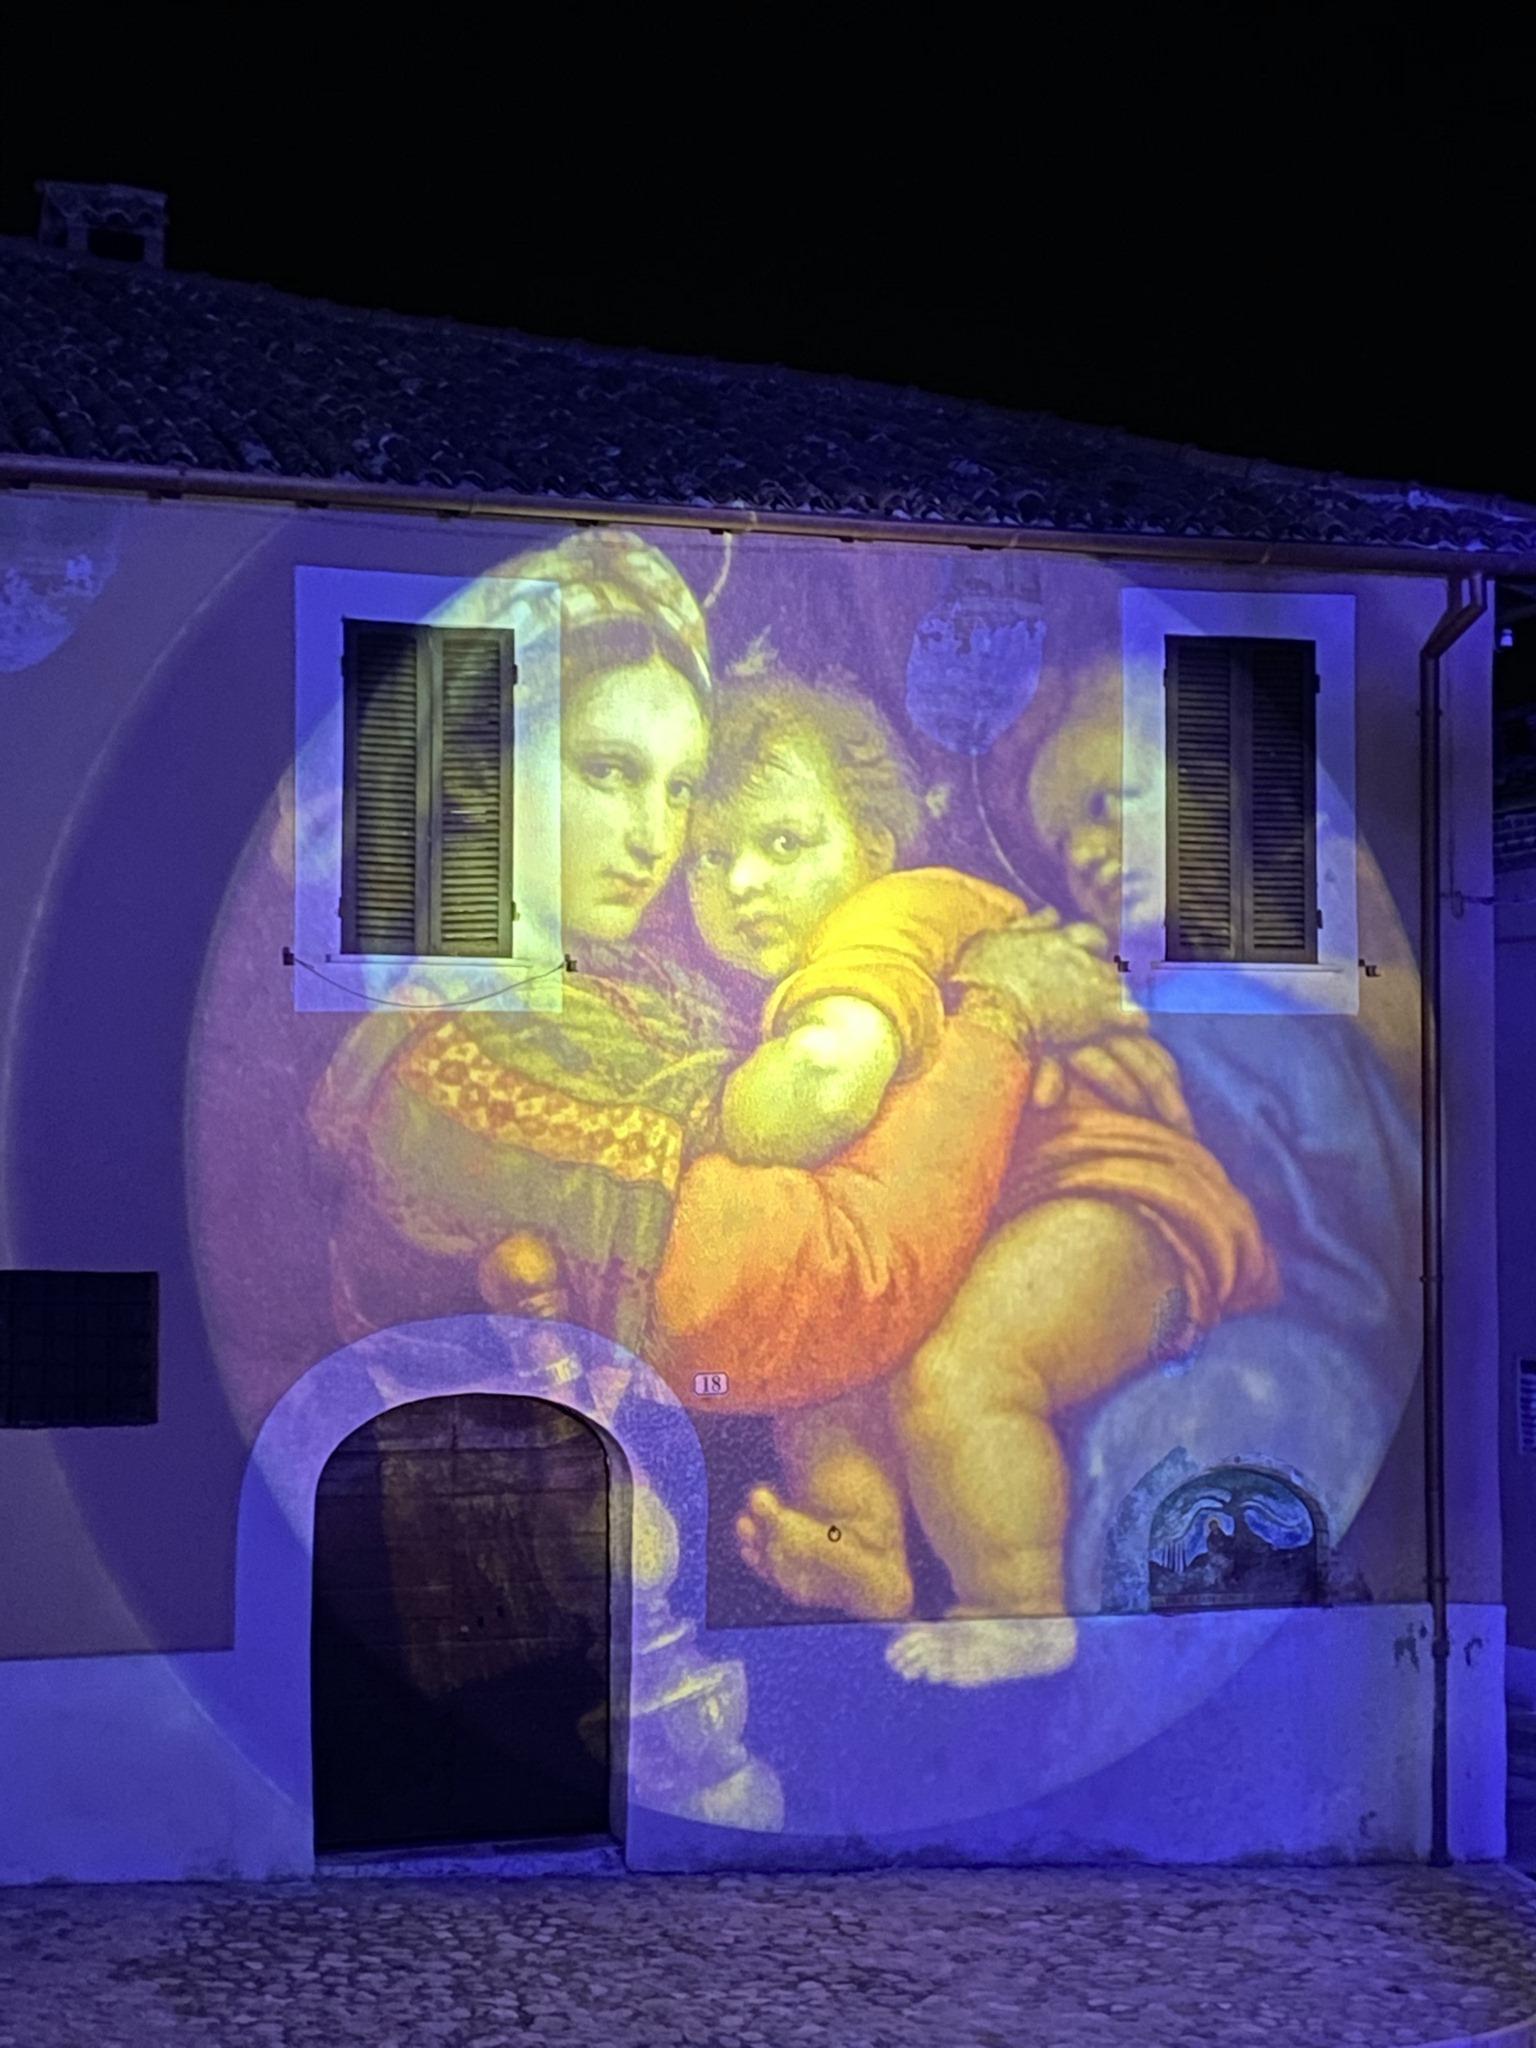 IL NATALE ILLUMINA GRECCIO, PER UN MESSAGGIO DI SPERANZA